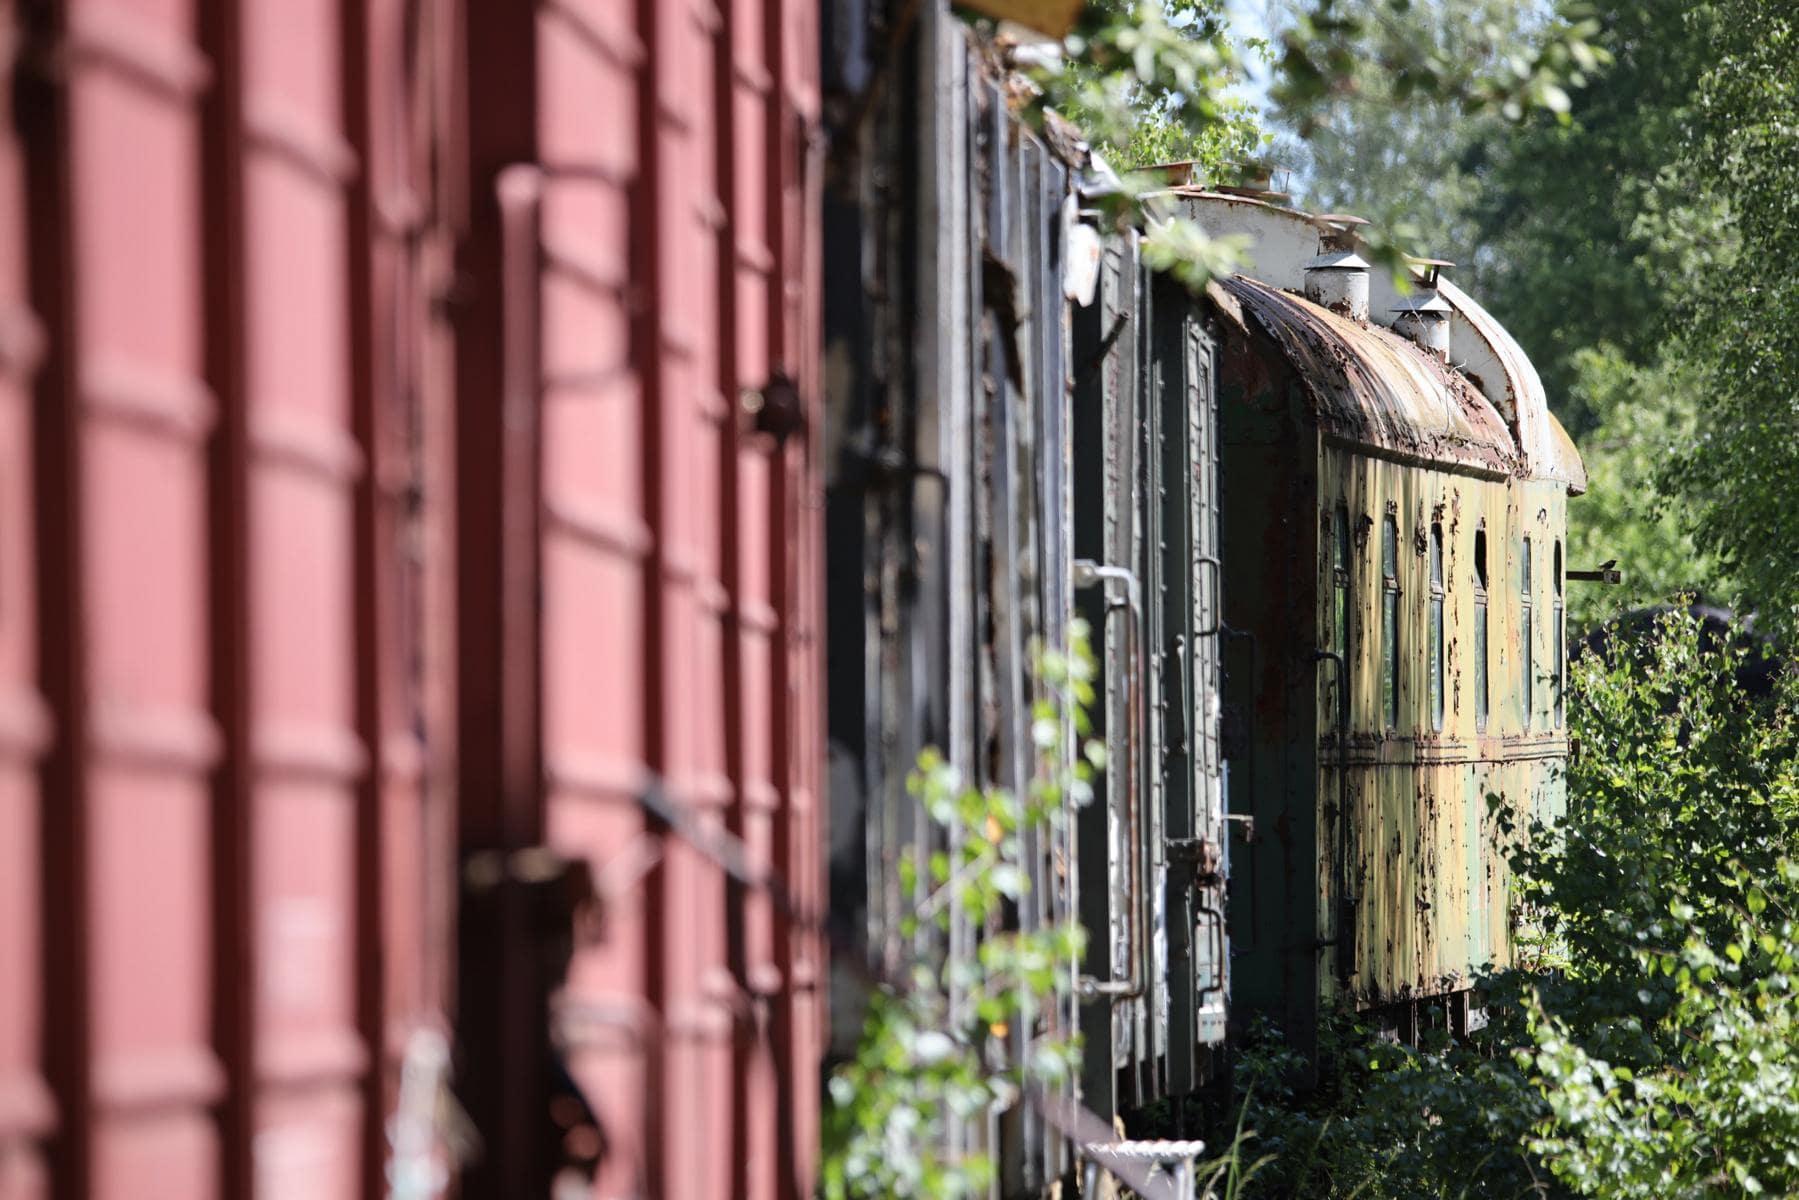 ©Foto: Christian Wodzinski | railmen | Eine lange Reihe abgestellter Wagen, die auf Aufarbeitung warten. Unendlich viel Arbeit für einen Verein